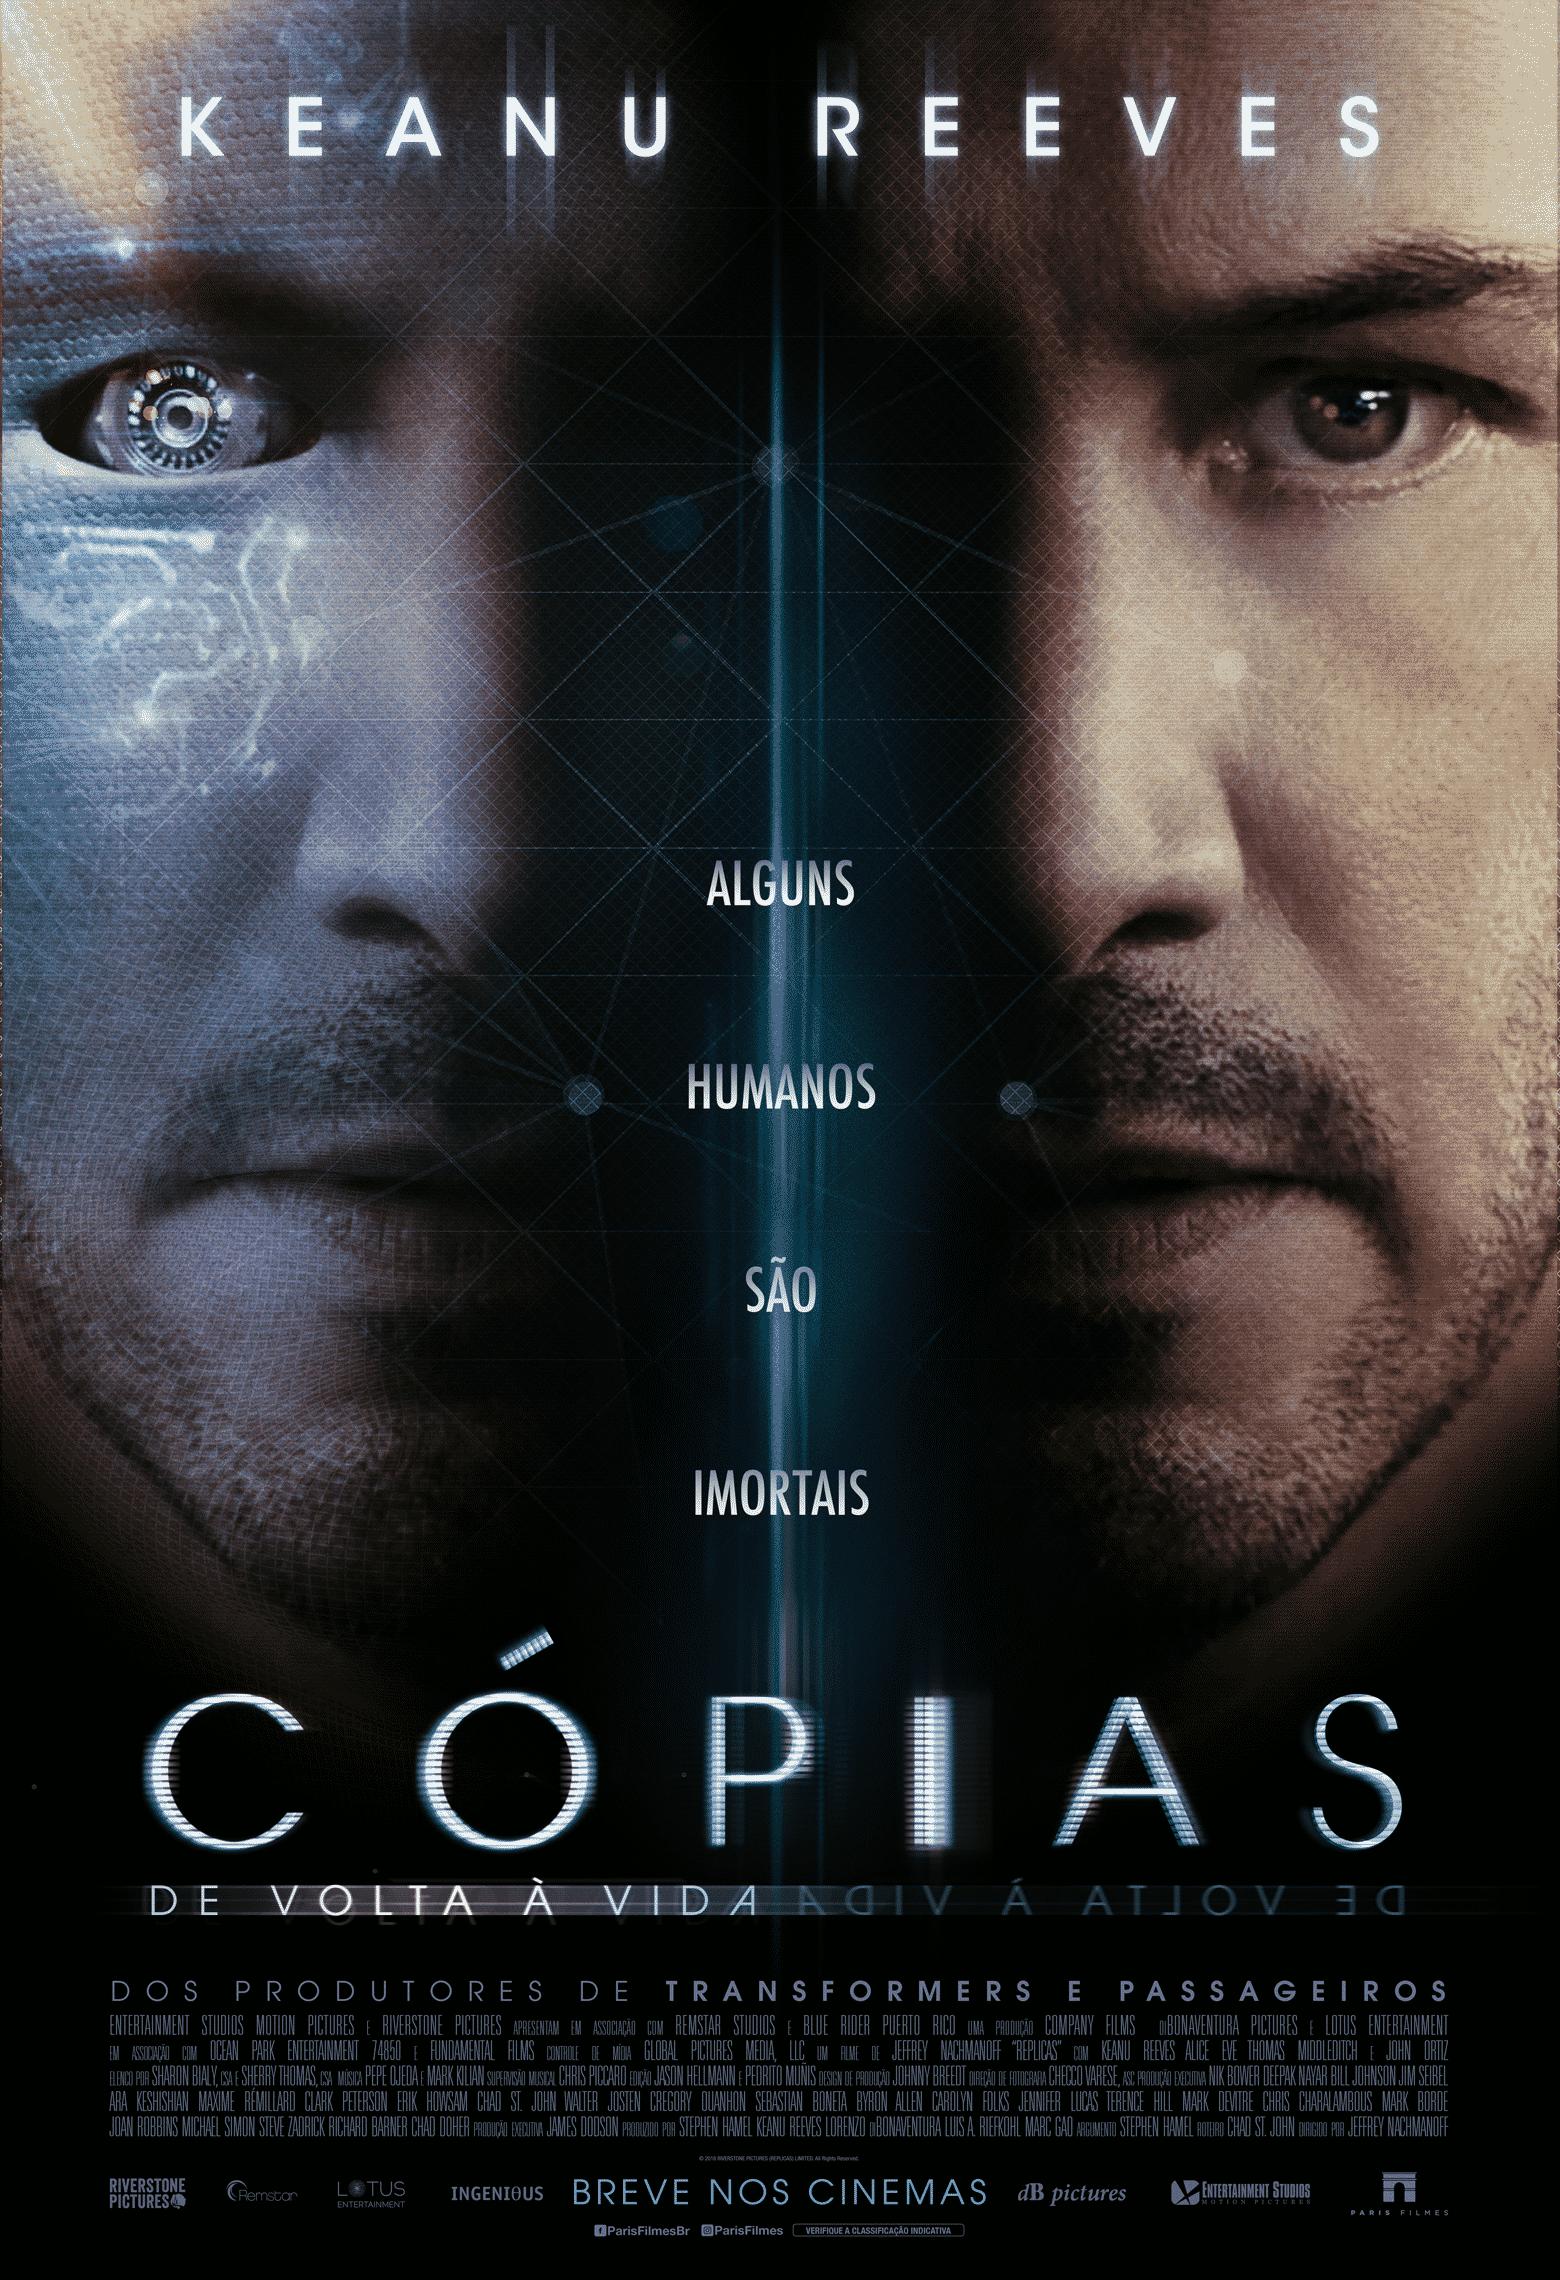 Nova ficção científica com Keaunu Reeves, Cópias – De Volta à Vida, ganha trailer e poster